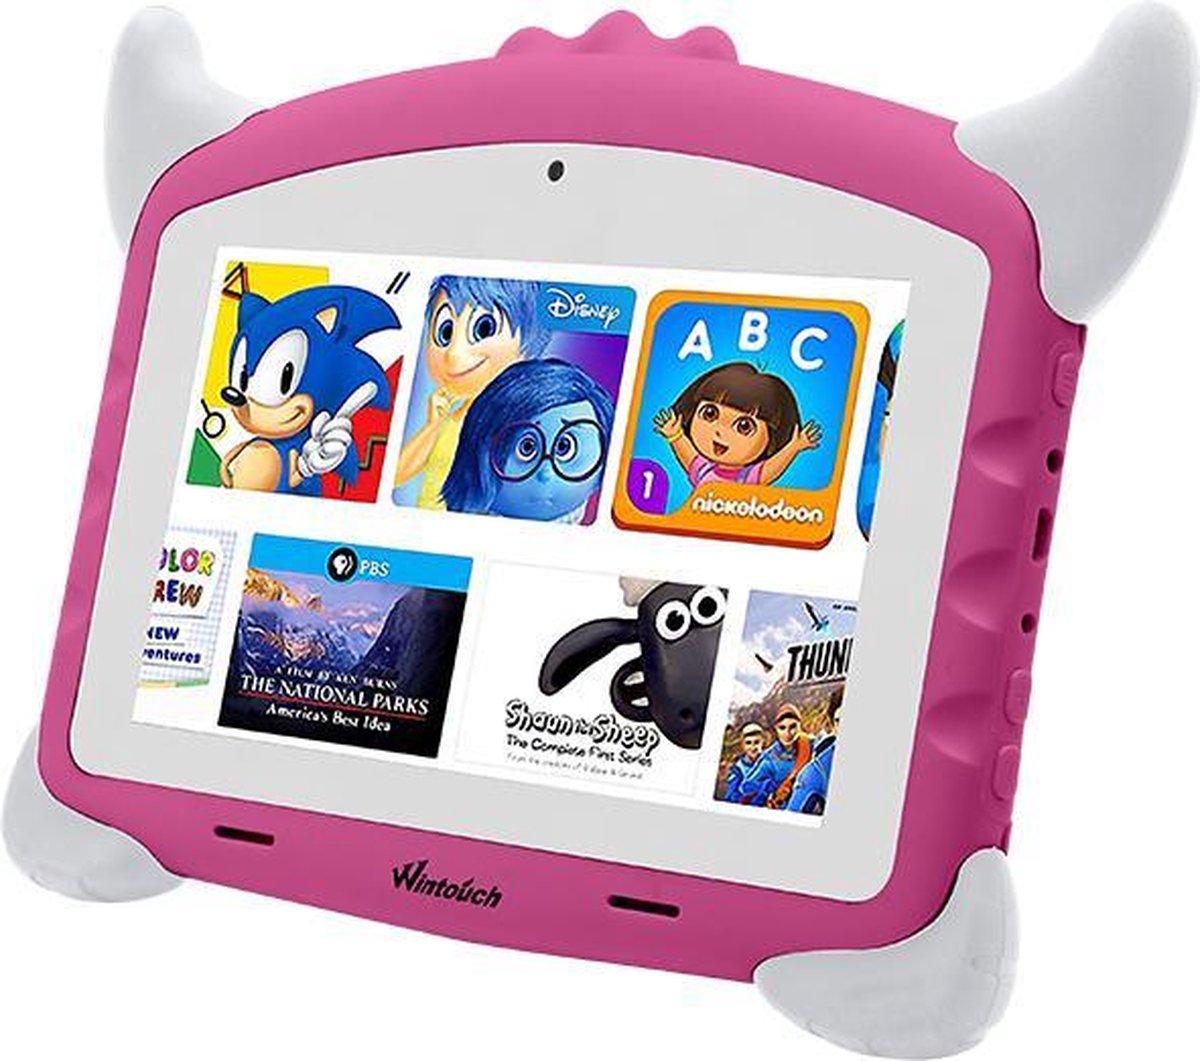 Kindertablet pro roze - kidstablet - Disney+ Netflix - Tablet 7 inch - 32GB - 8.1 android - vanaf 2 jaar - Scherp hd beeld - leerzame tablet voor kinderen - Wifi - Bluetooth - voor-achter camera - Play store - uitstekende batterij - 1 jaar garantie